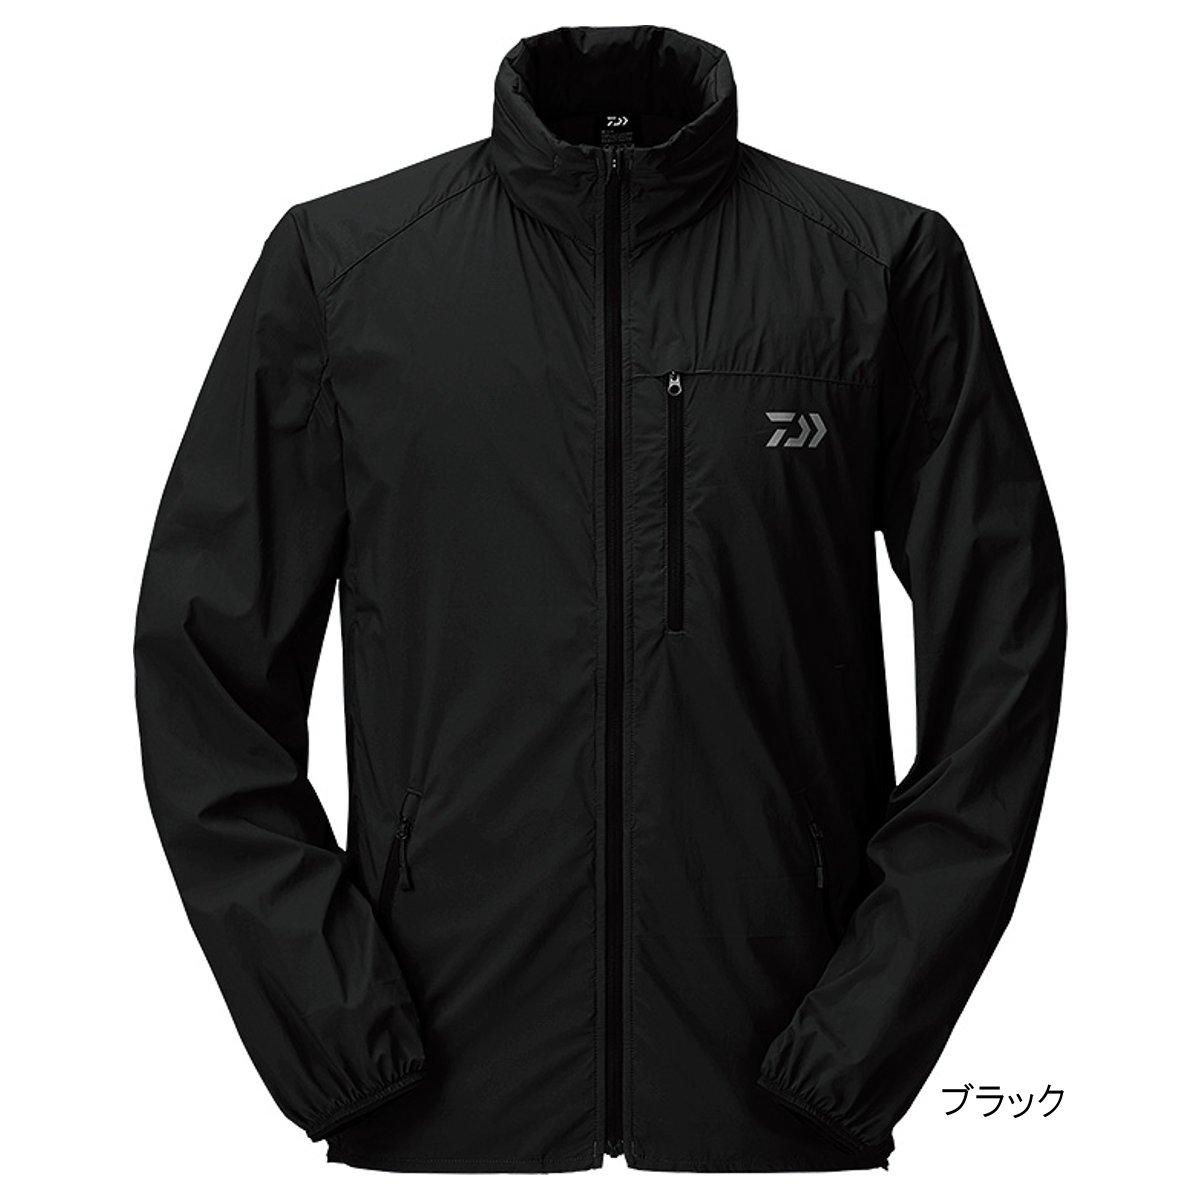 ダイワ ポケッタブルウィンドジャケット DJ-33009 M ブラック(東日本店)